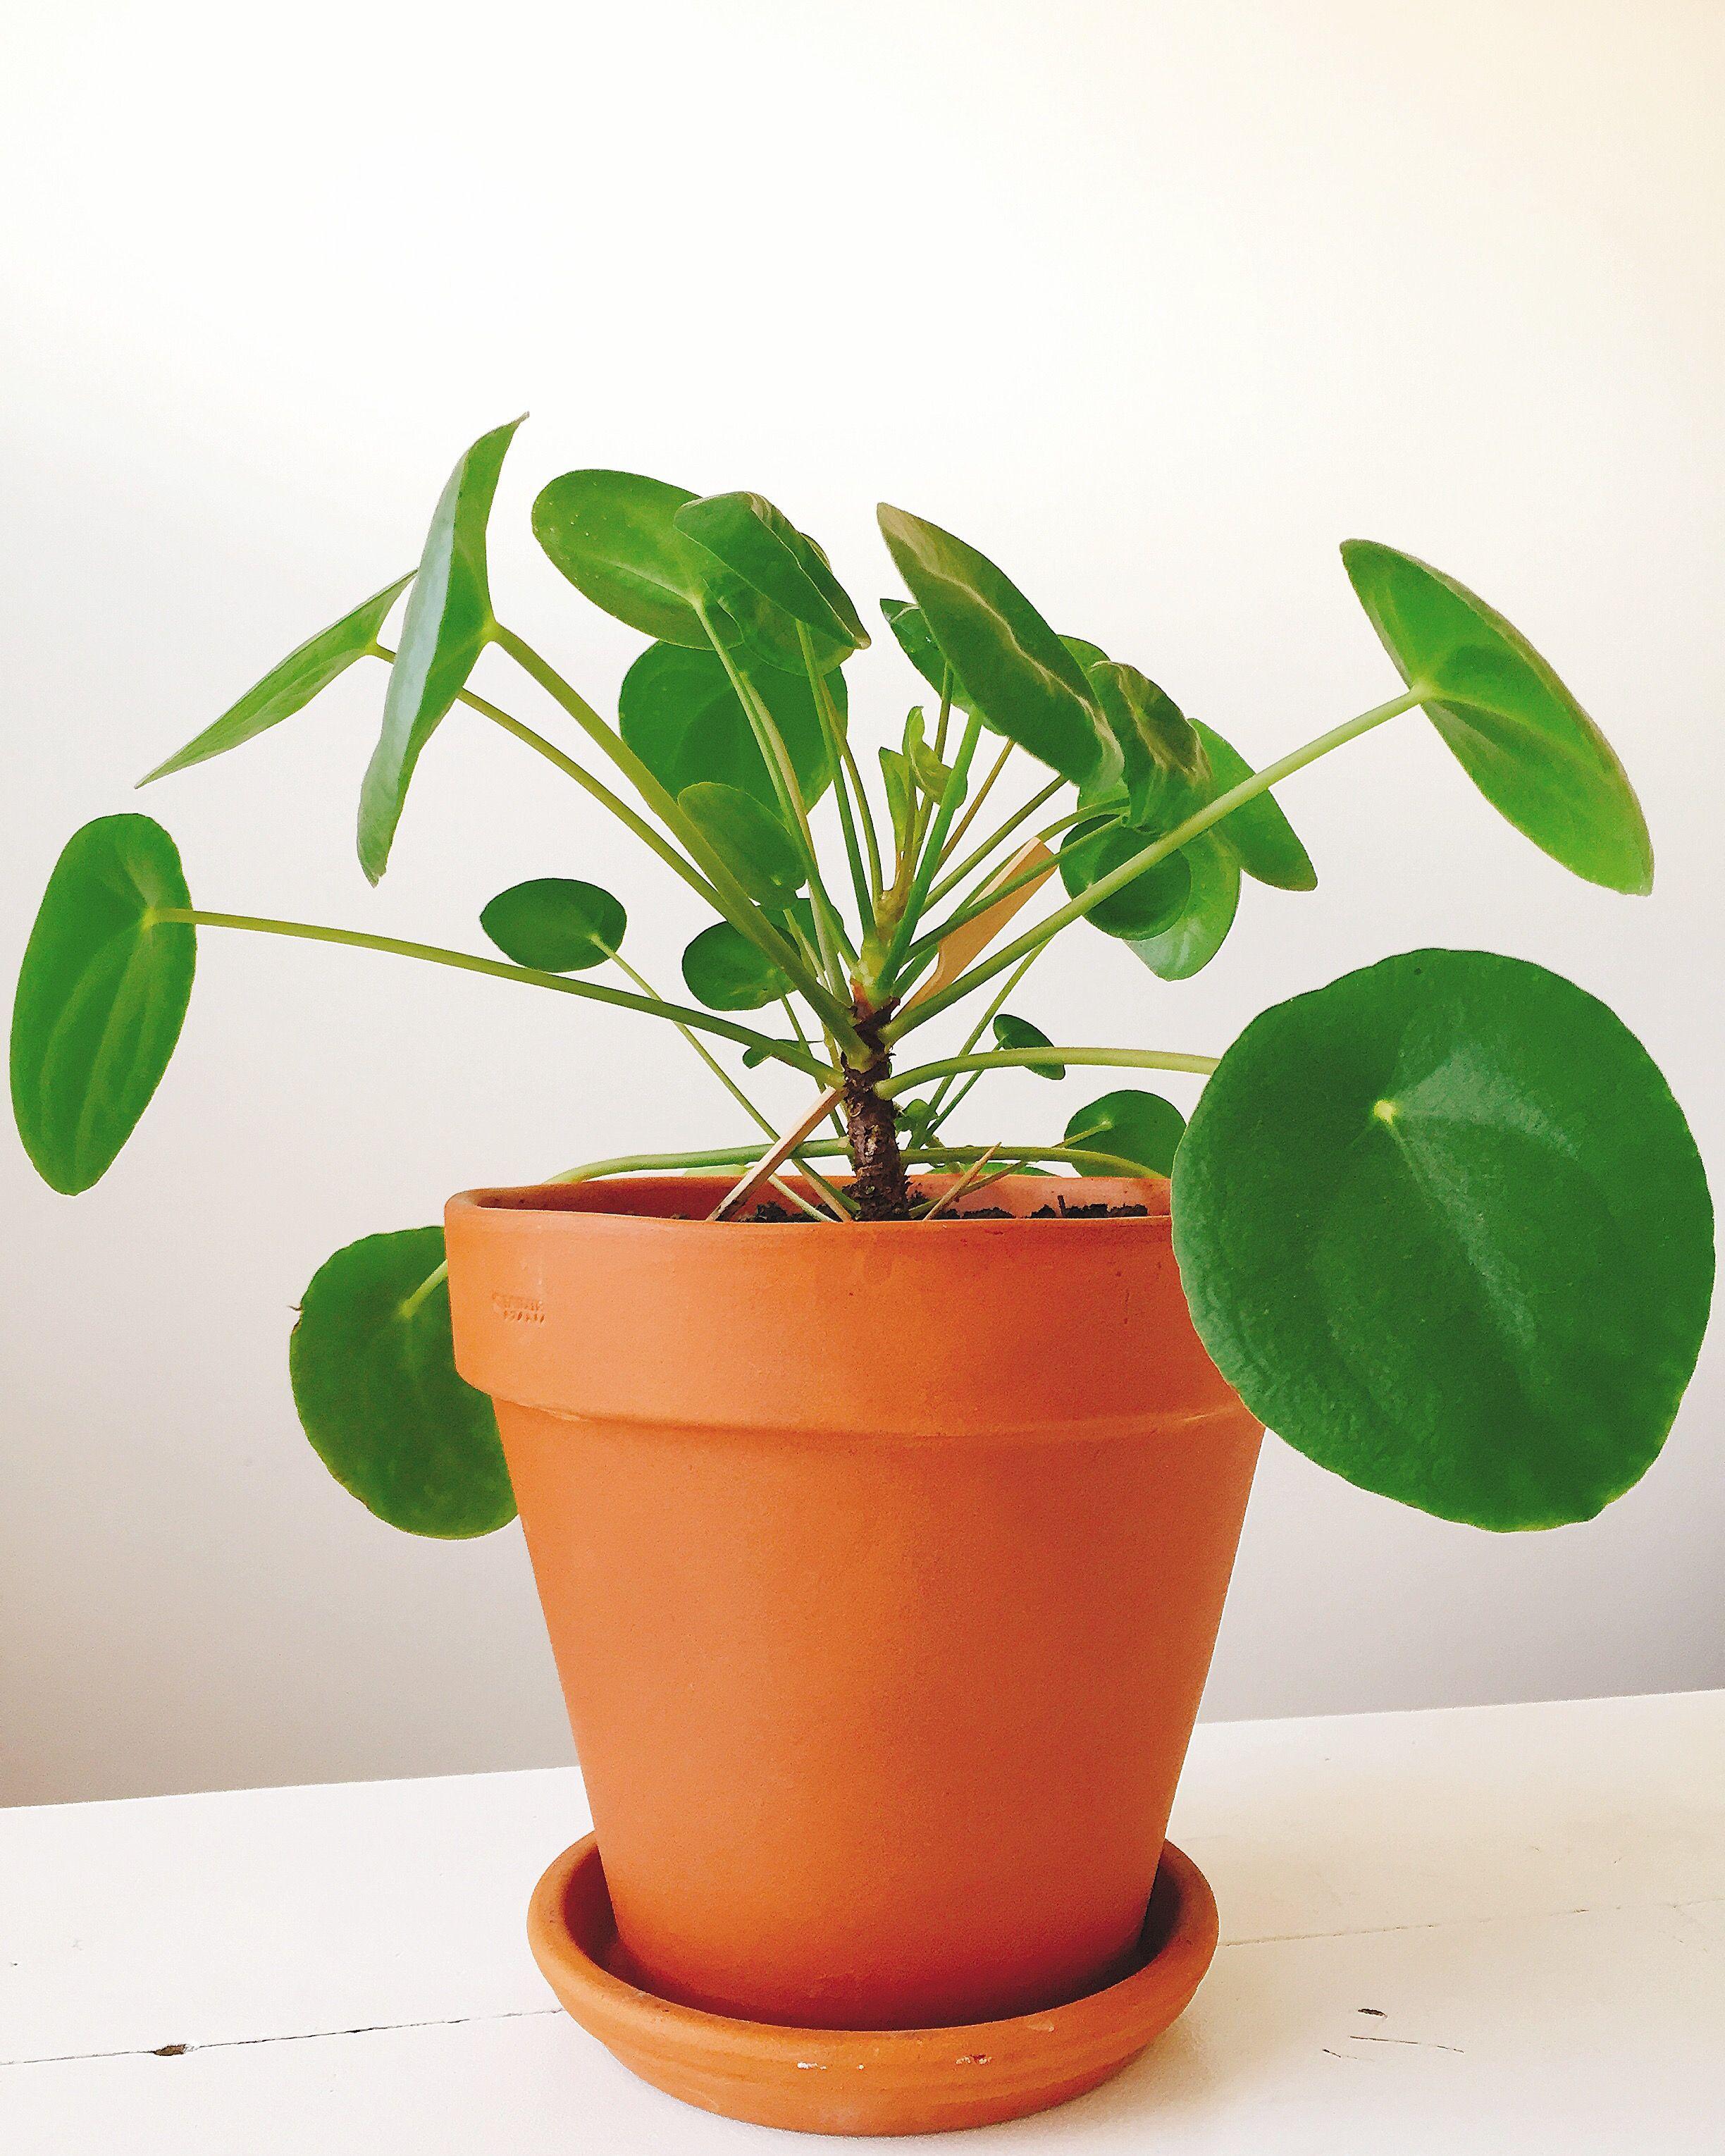 pilea peperomioides pannenkoeken plant chineese money plant ik ben zo verliefd op dit. Black Bedroom Furniture Sets. Home Design Ideas